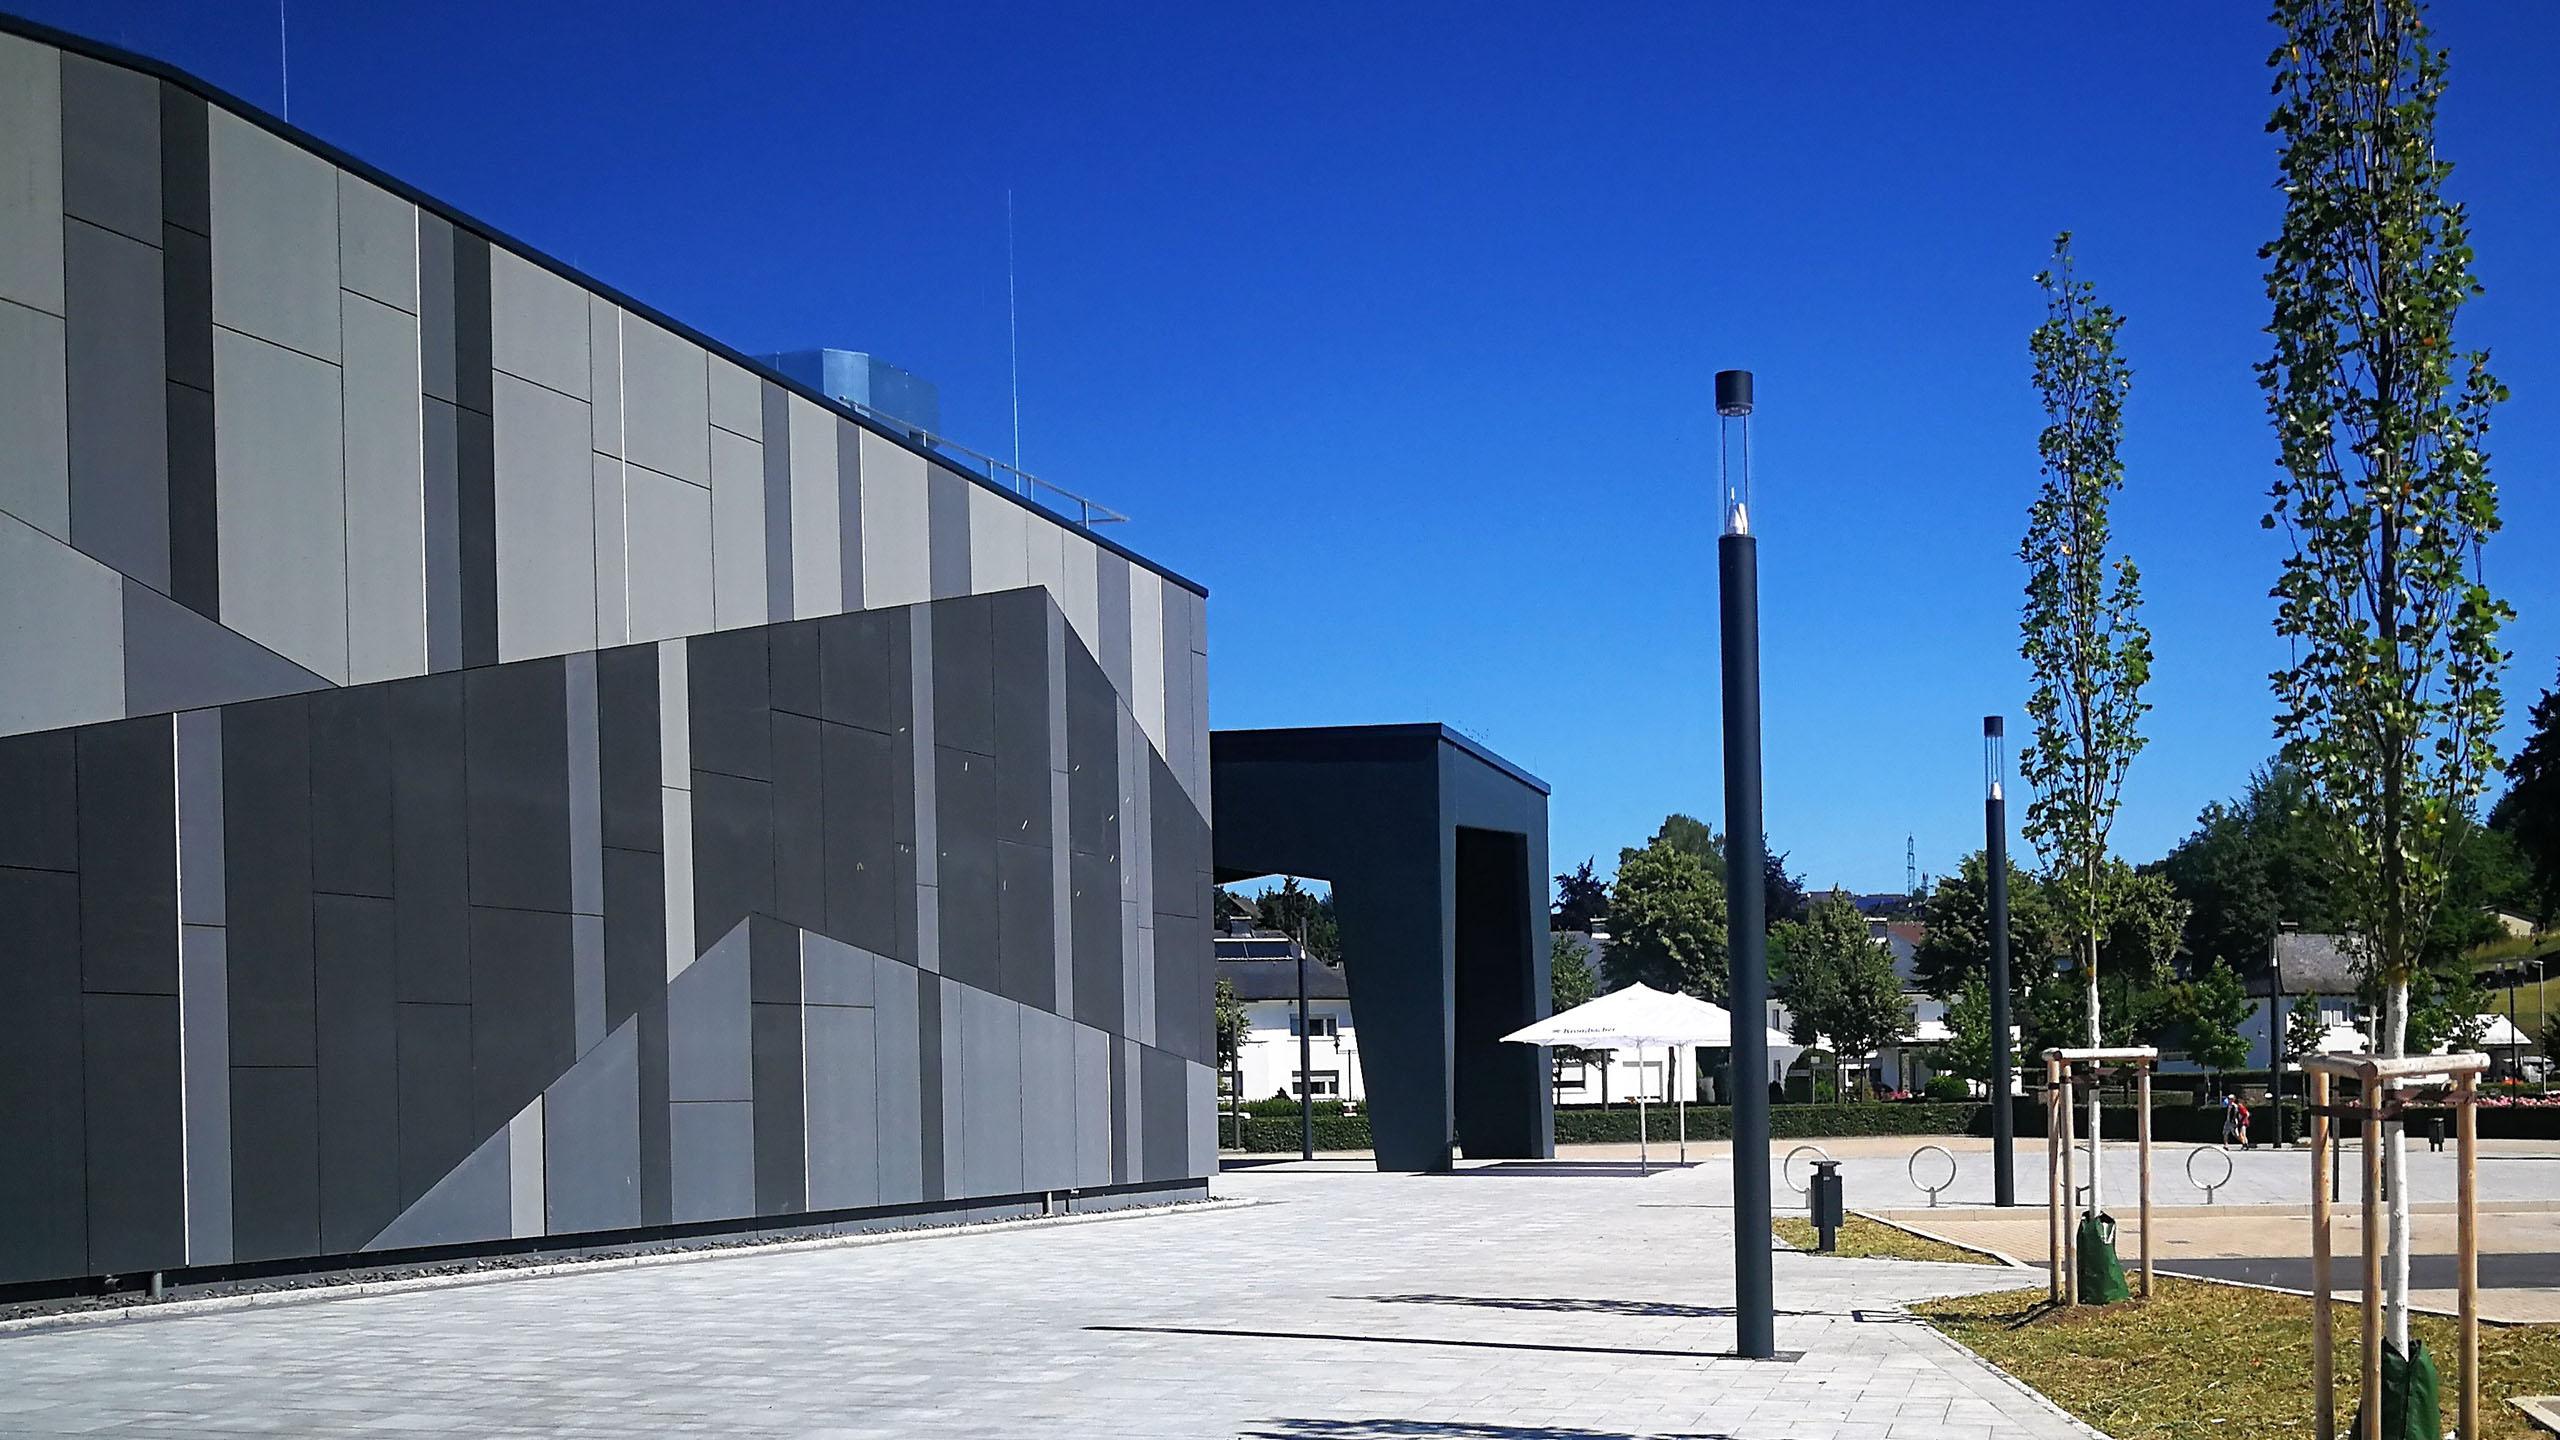 Kino in Attendorn